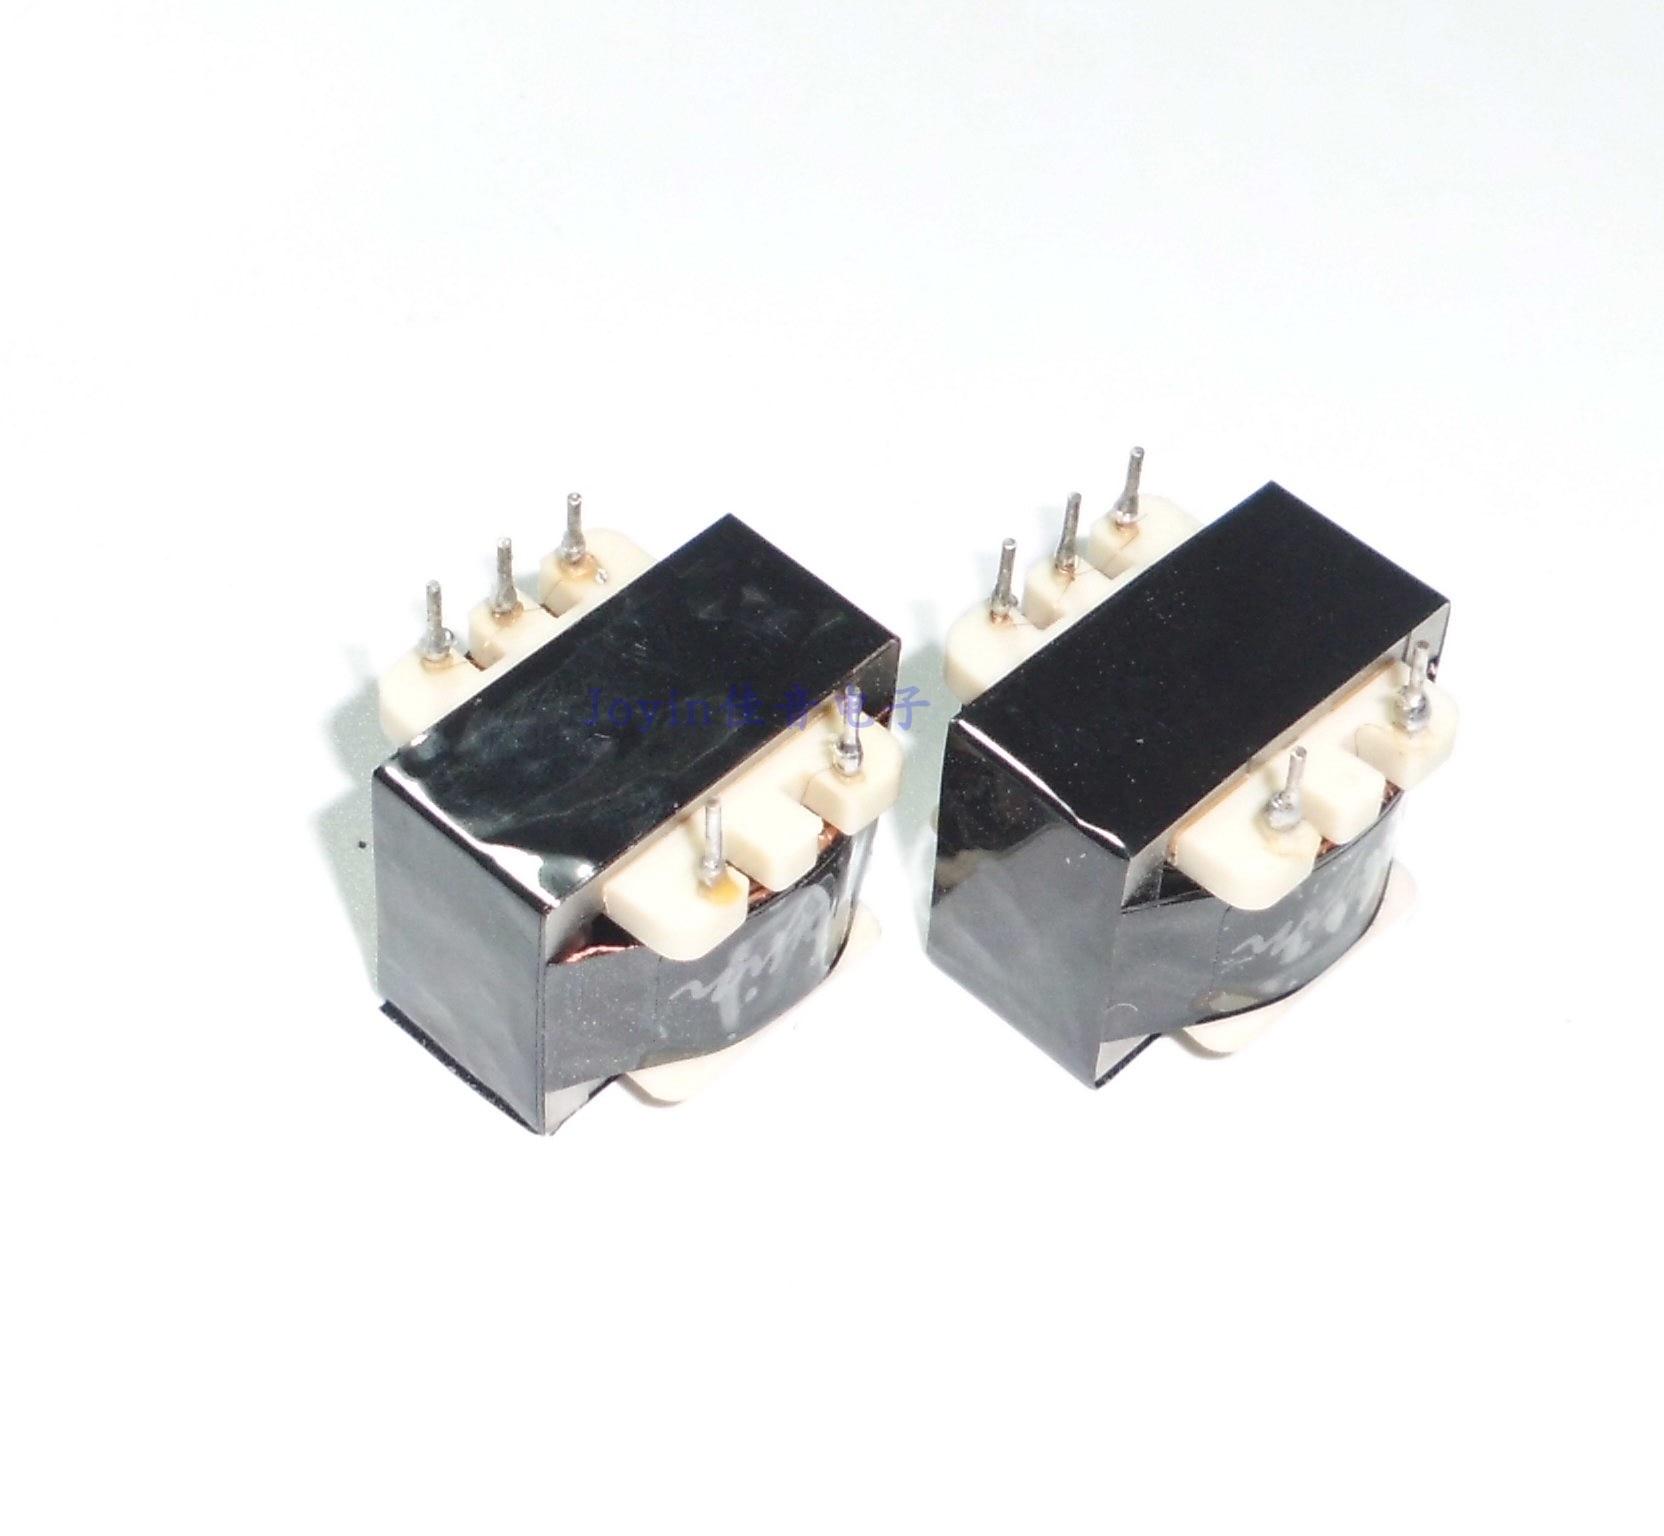 R10 ENTRADA DE ETAPA delantera 10 K 40K Permalloy transformador de Audio de alta impedancia de combinación de conversión de aislamiento de ganado